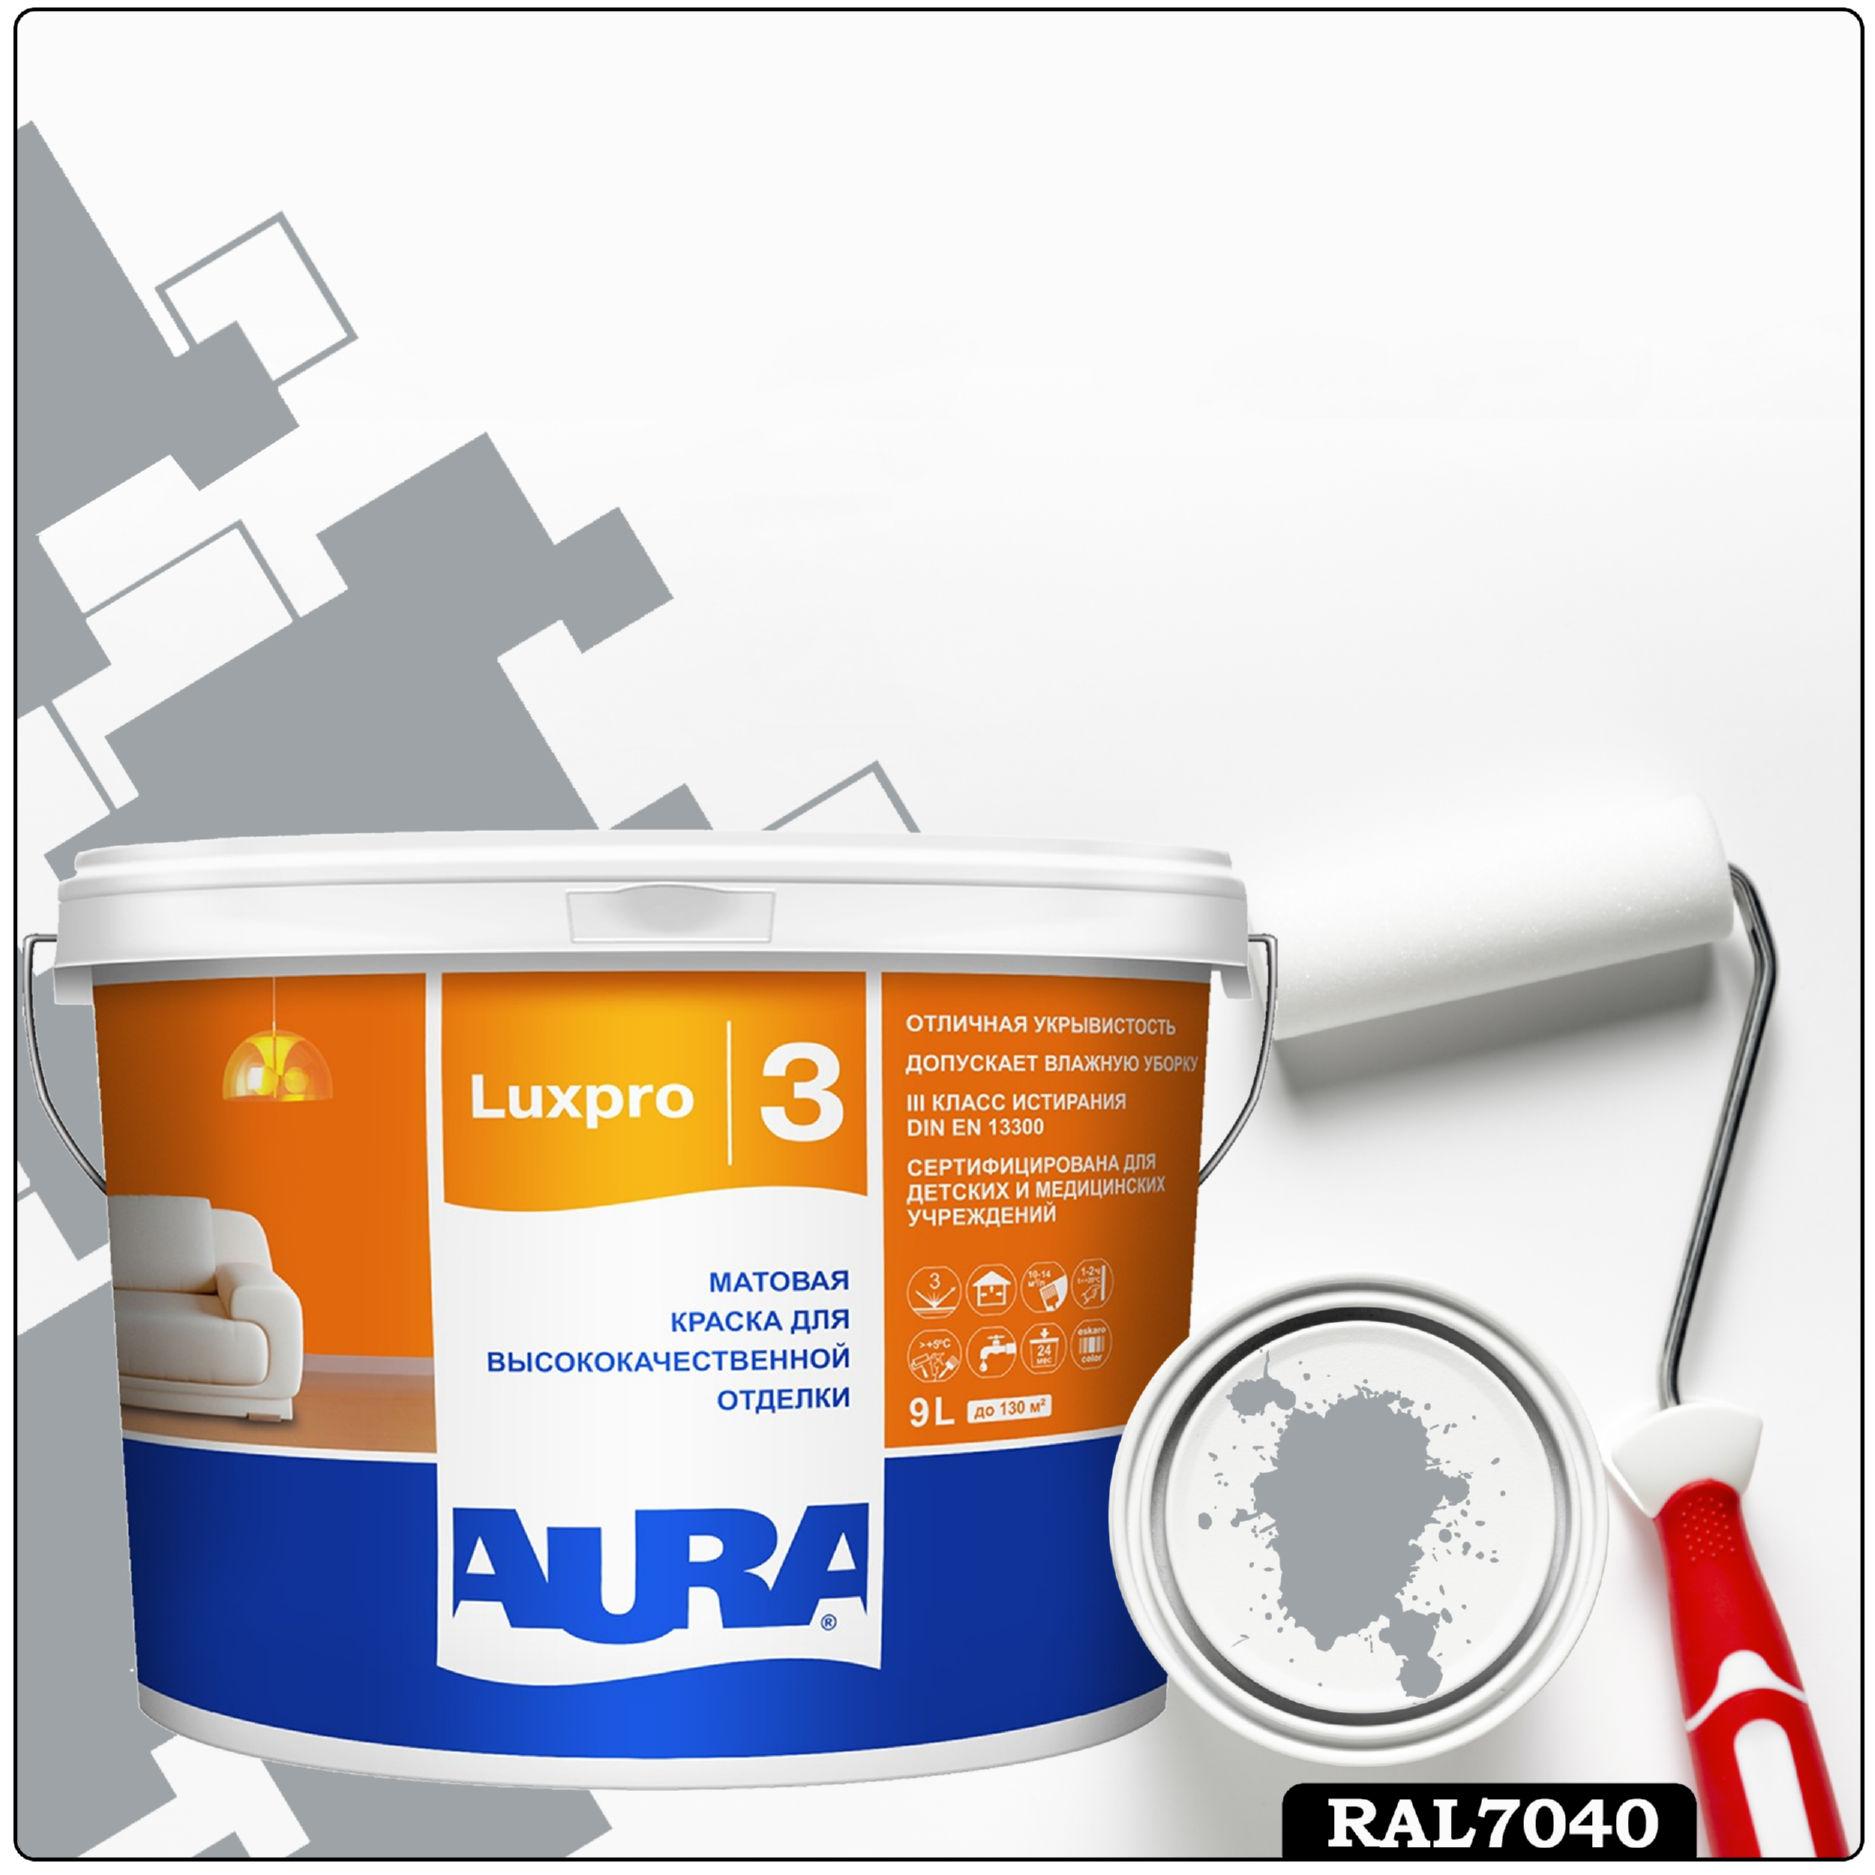 Фото 2 - Краска Aura LuxPRO 3, RAL 7040 Серое окно, латексная, шелково-матовая, интерьерная, 9л, Аура.